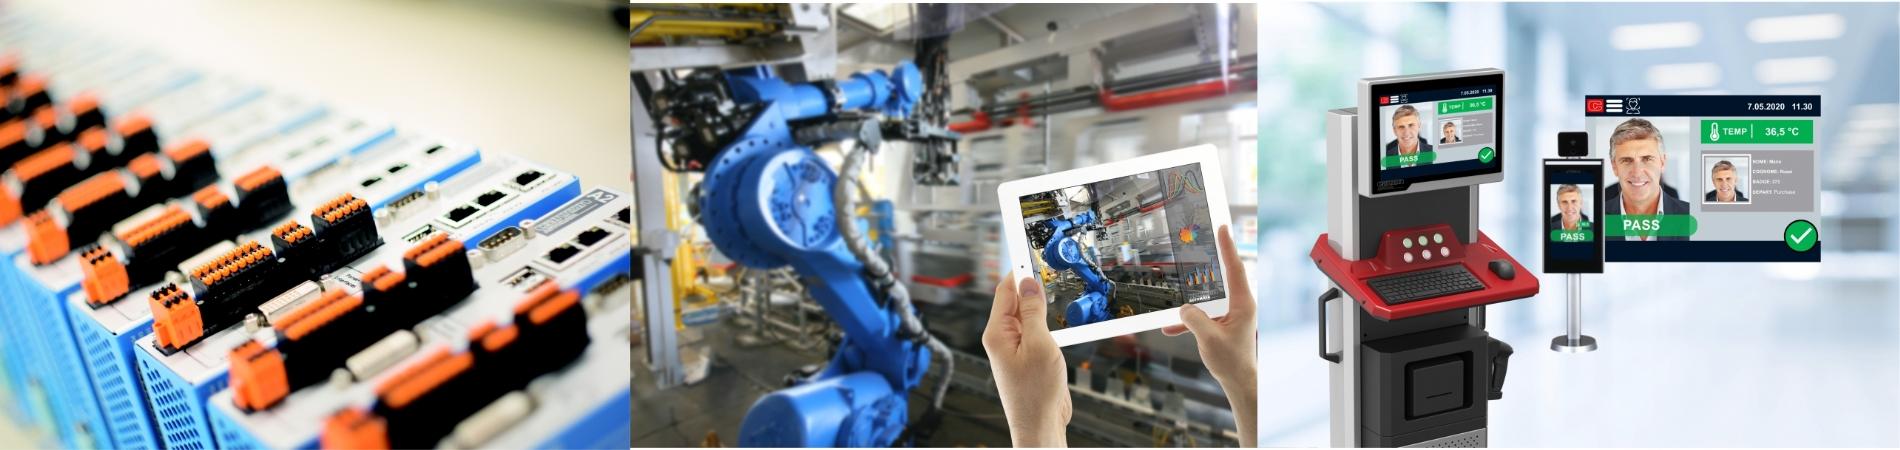 Integrazione e digitalizzazione di fabbrica: soluzioni concrete e casi applicativi dedicati all'industria 4.0